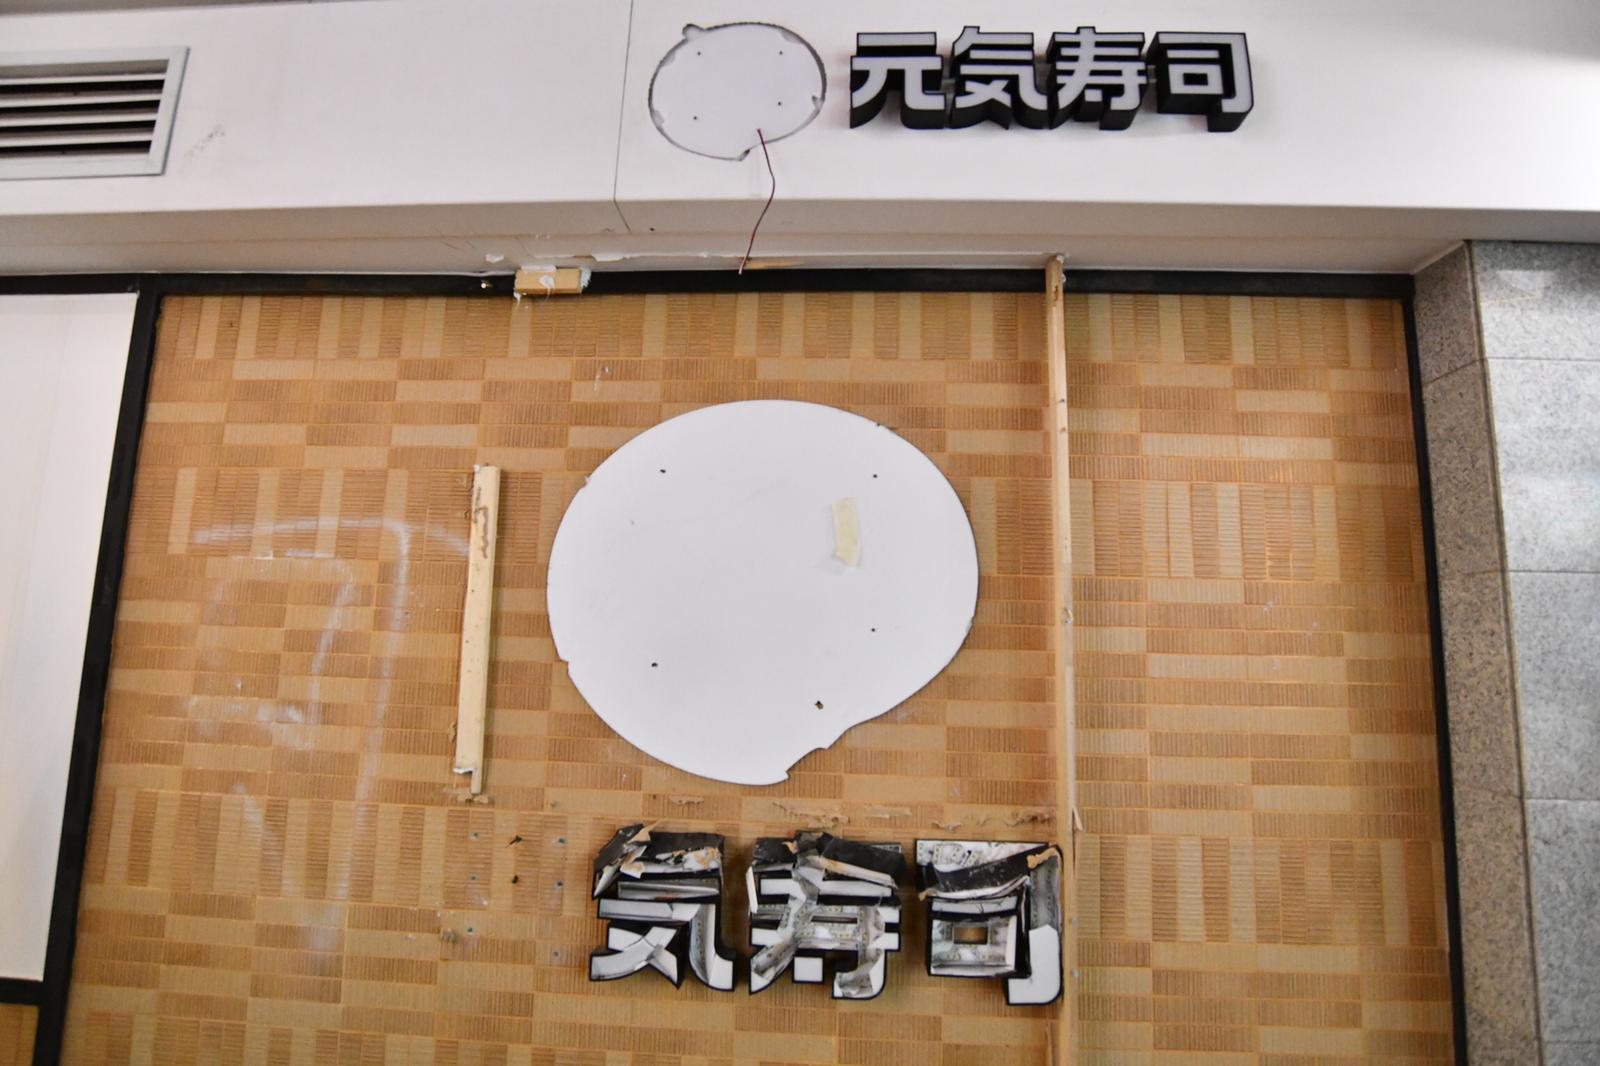 元氣壽司招牌字樣被拆毀